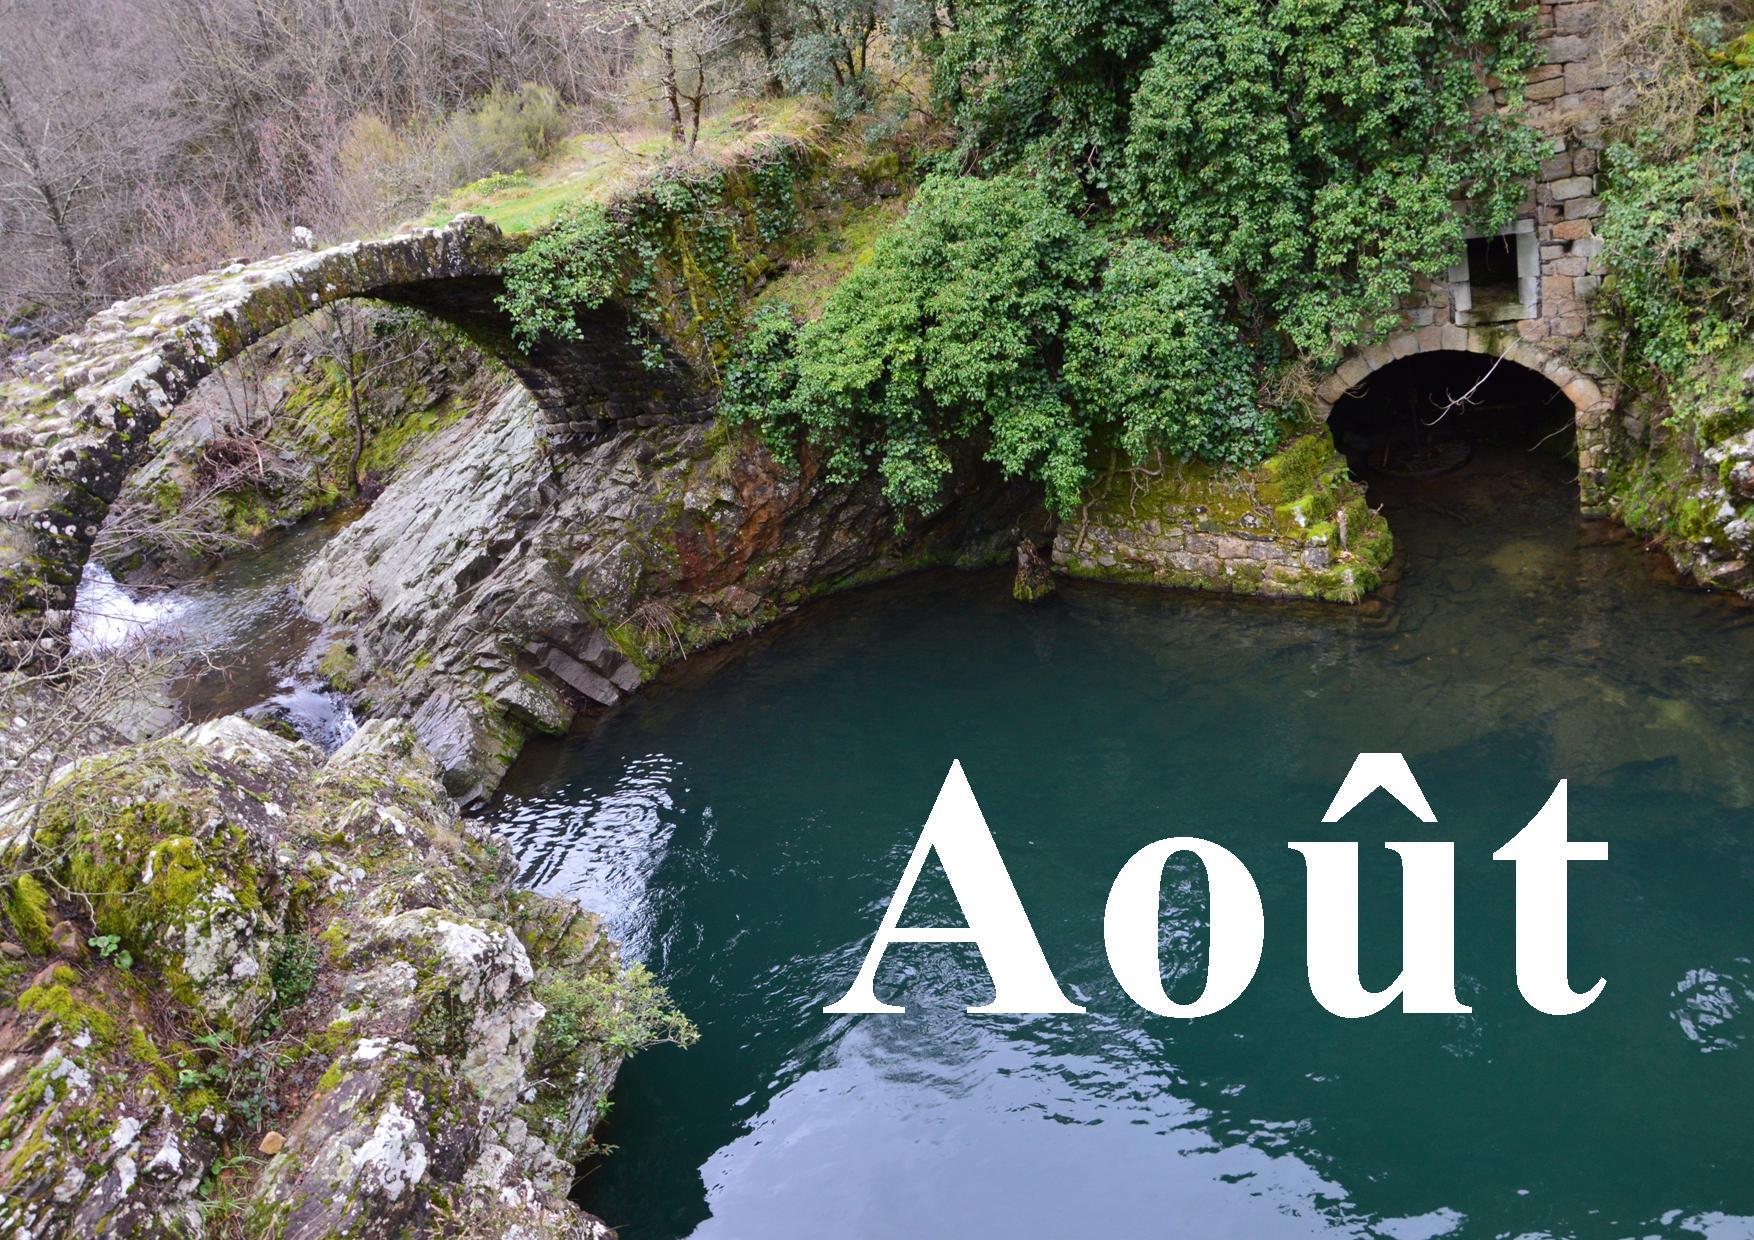 Aout site